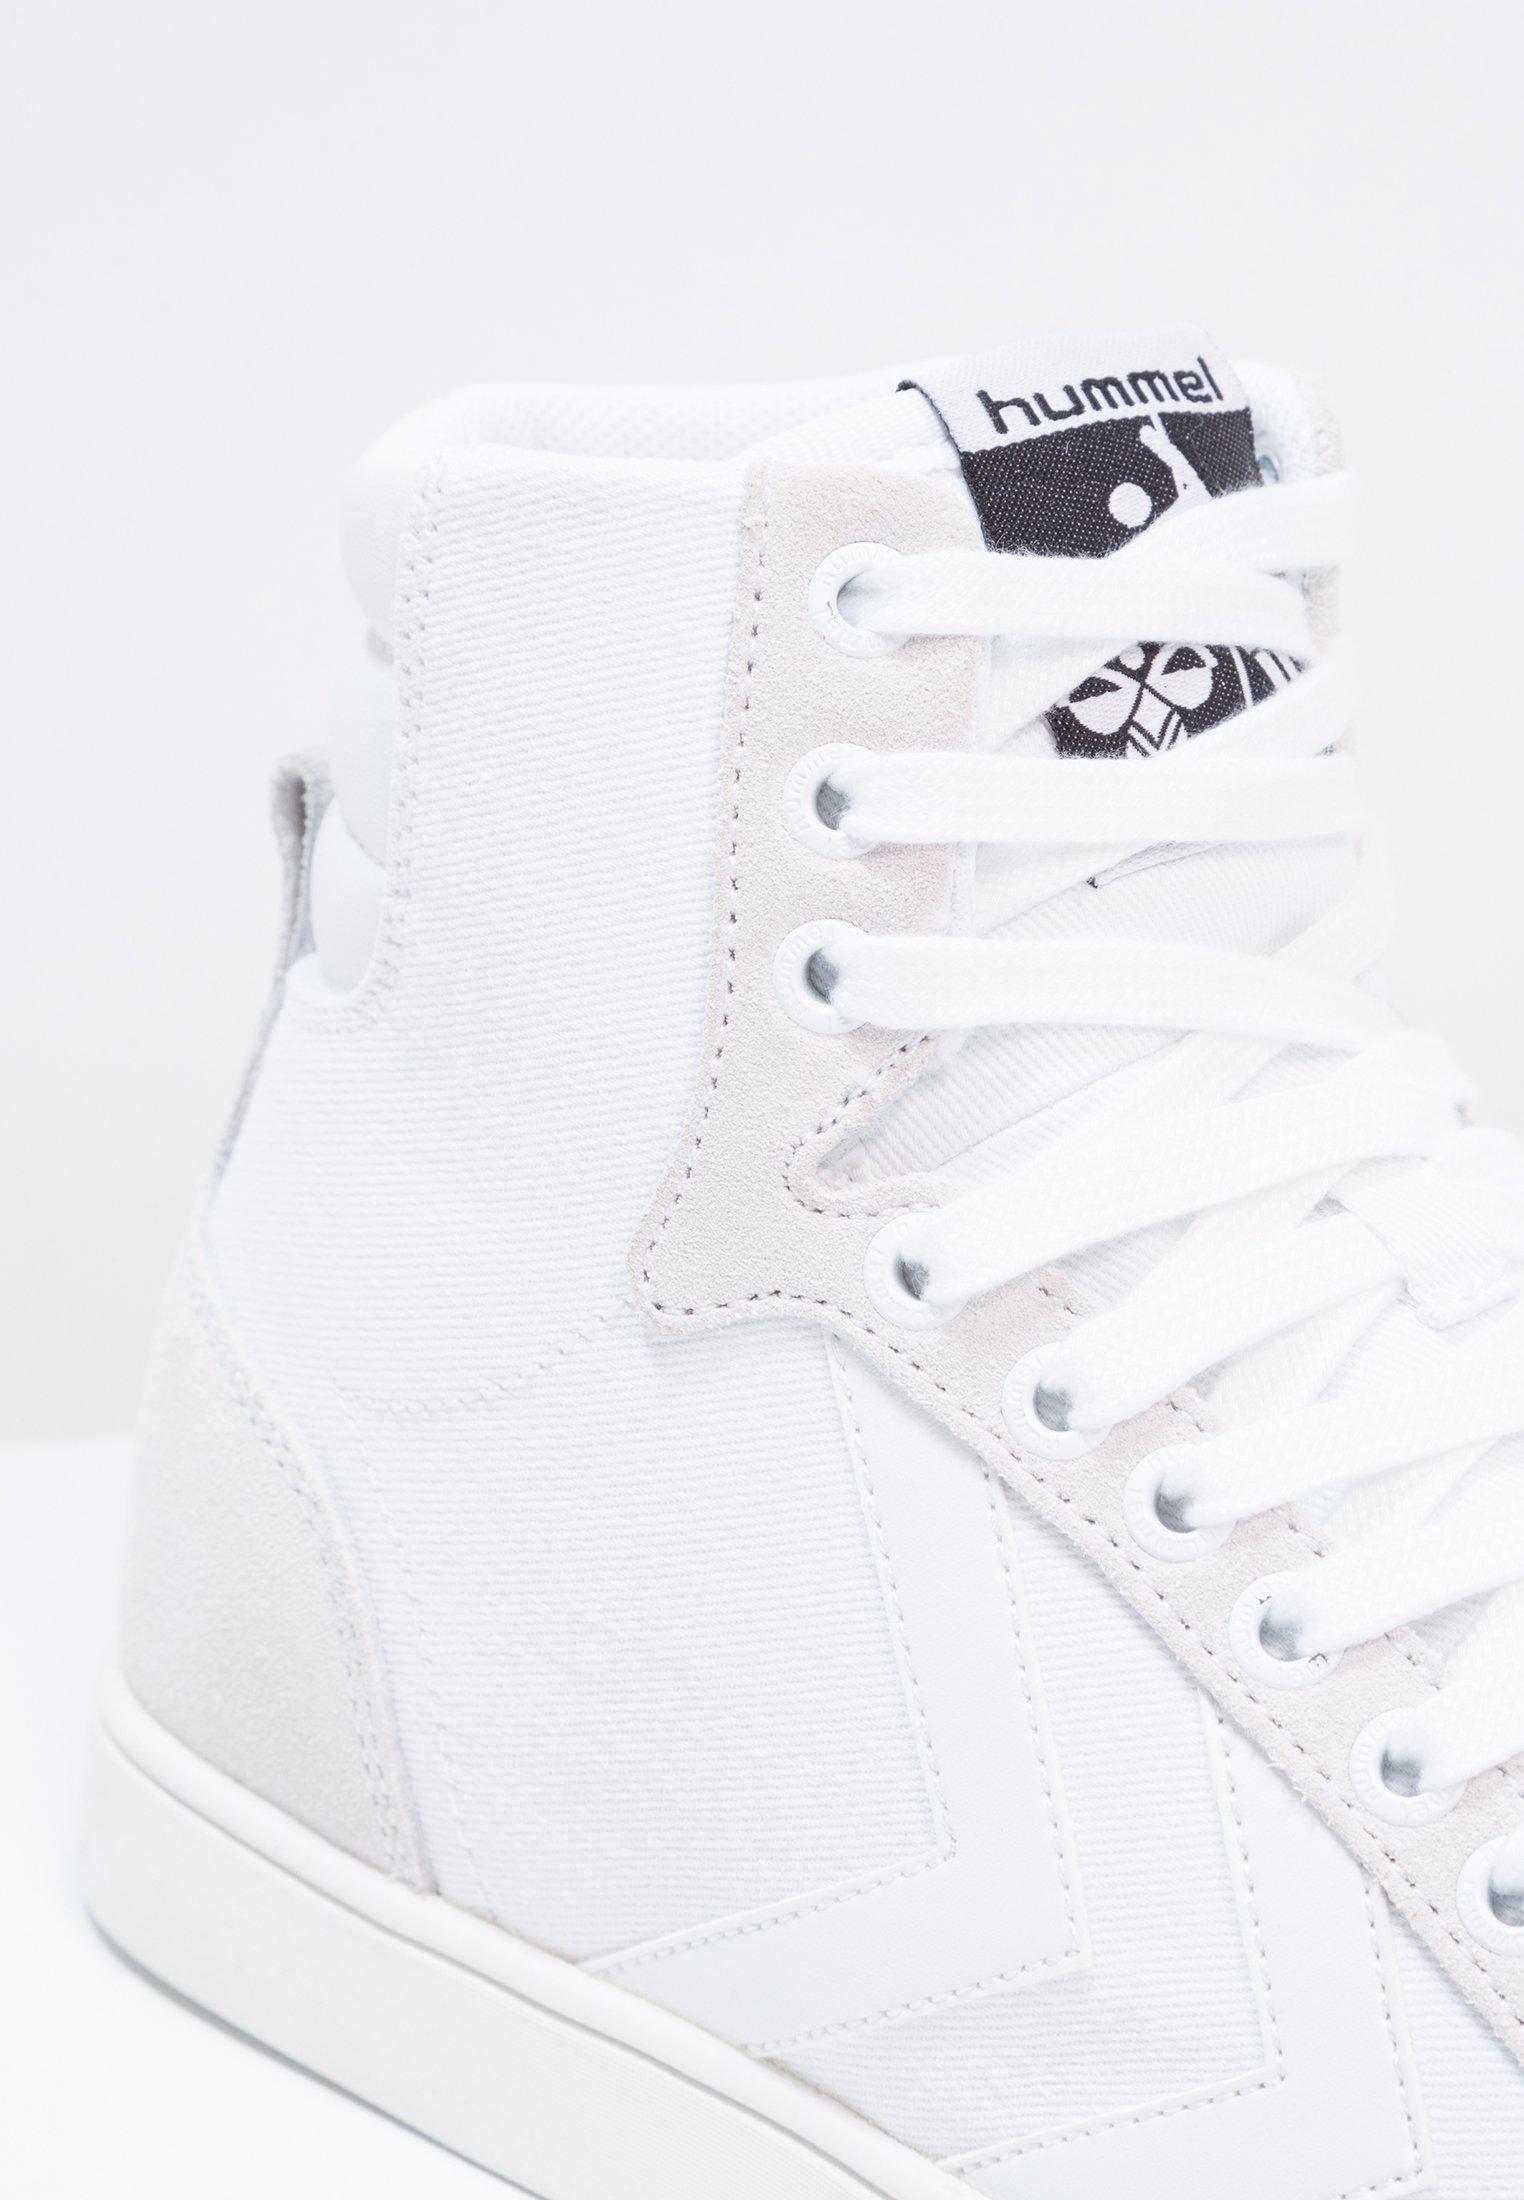 Hummel Slimmer Stadil Tonal - Sneakers Alte White